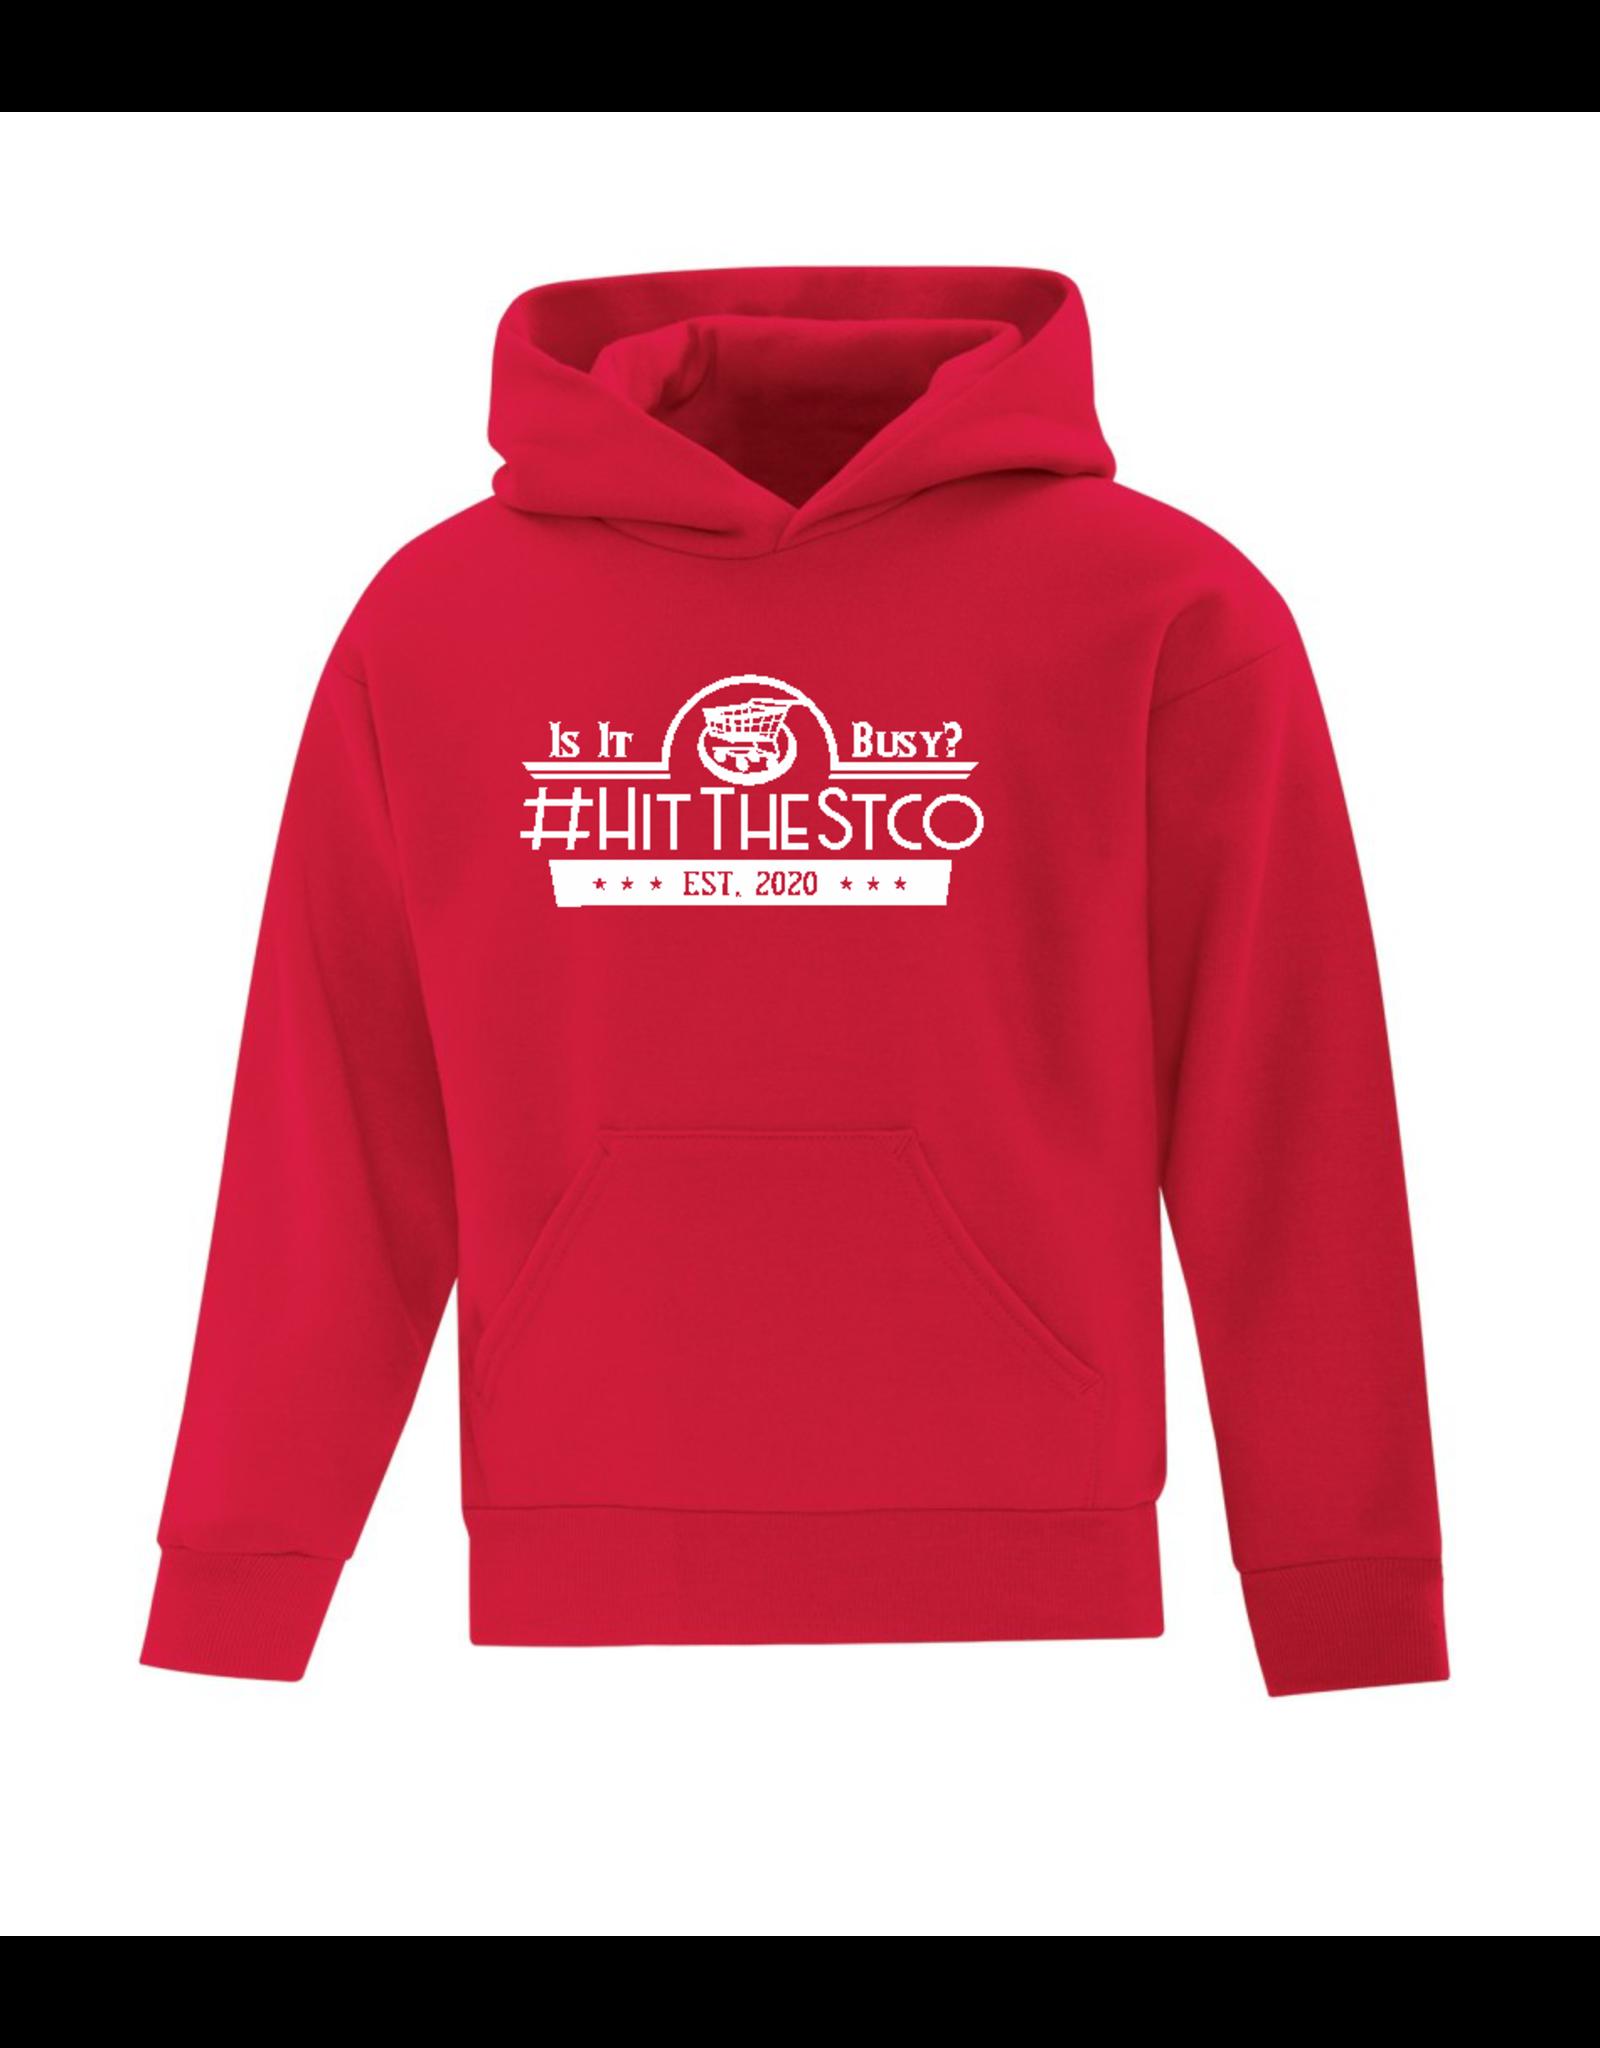 #HitTheStco Hoodie